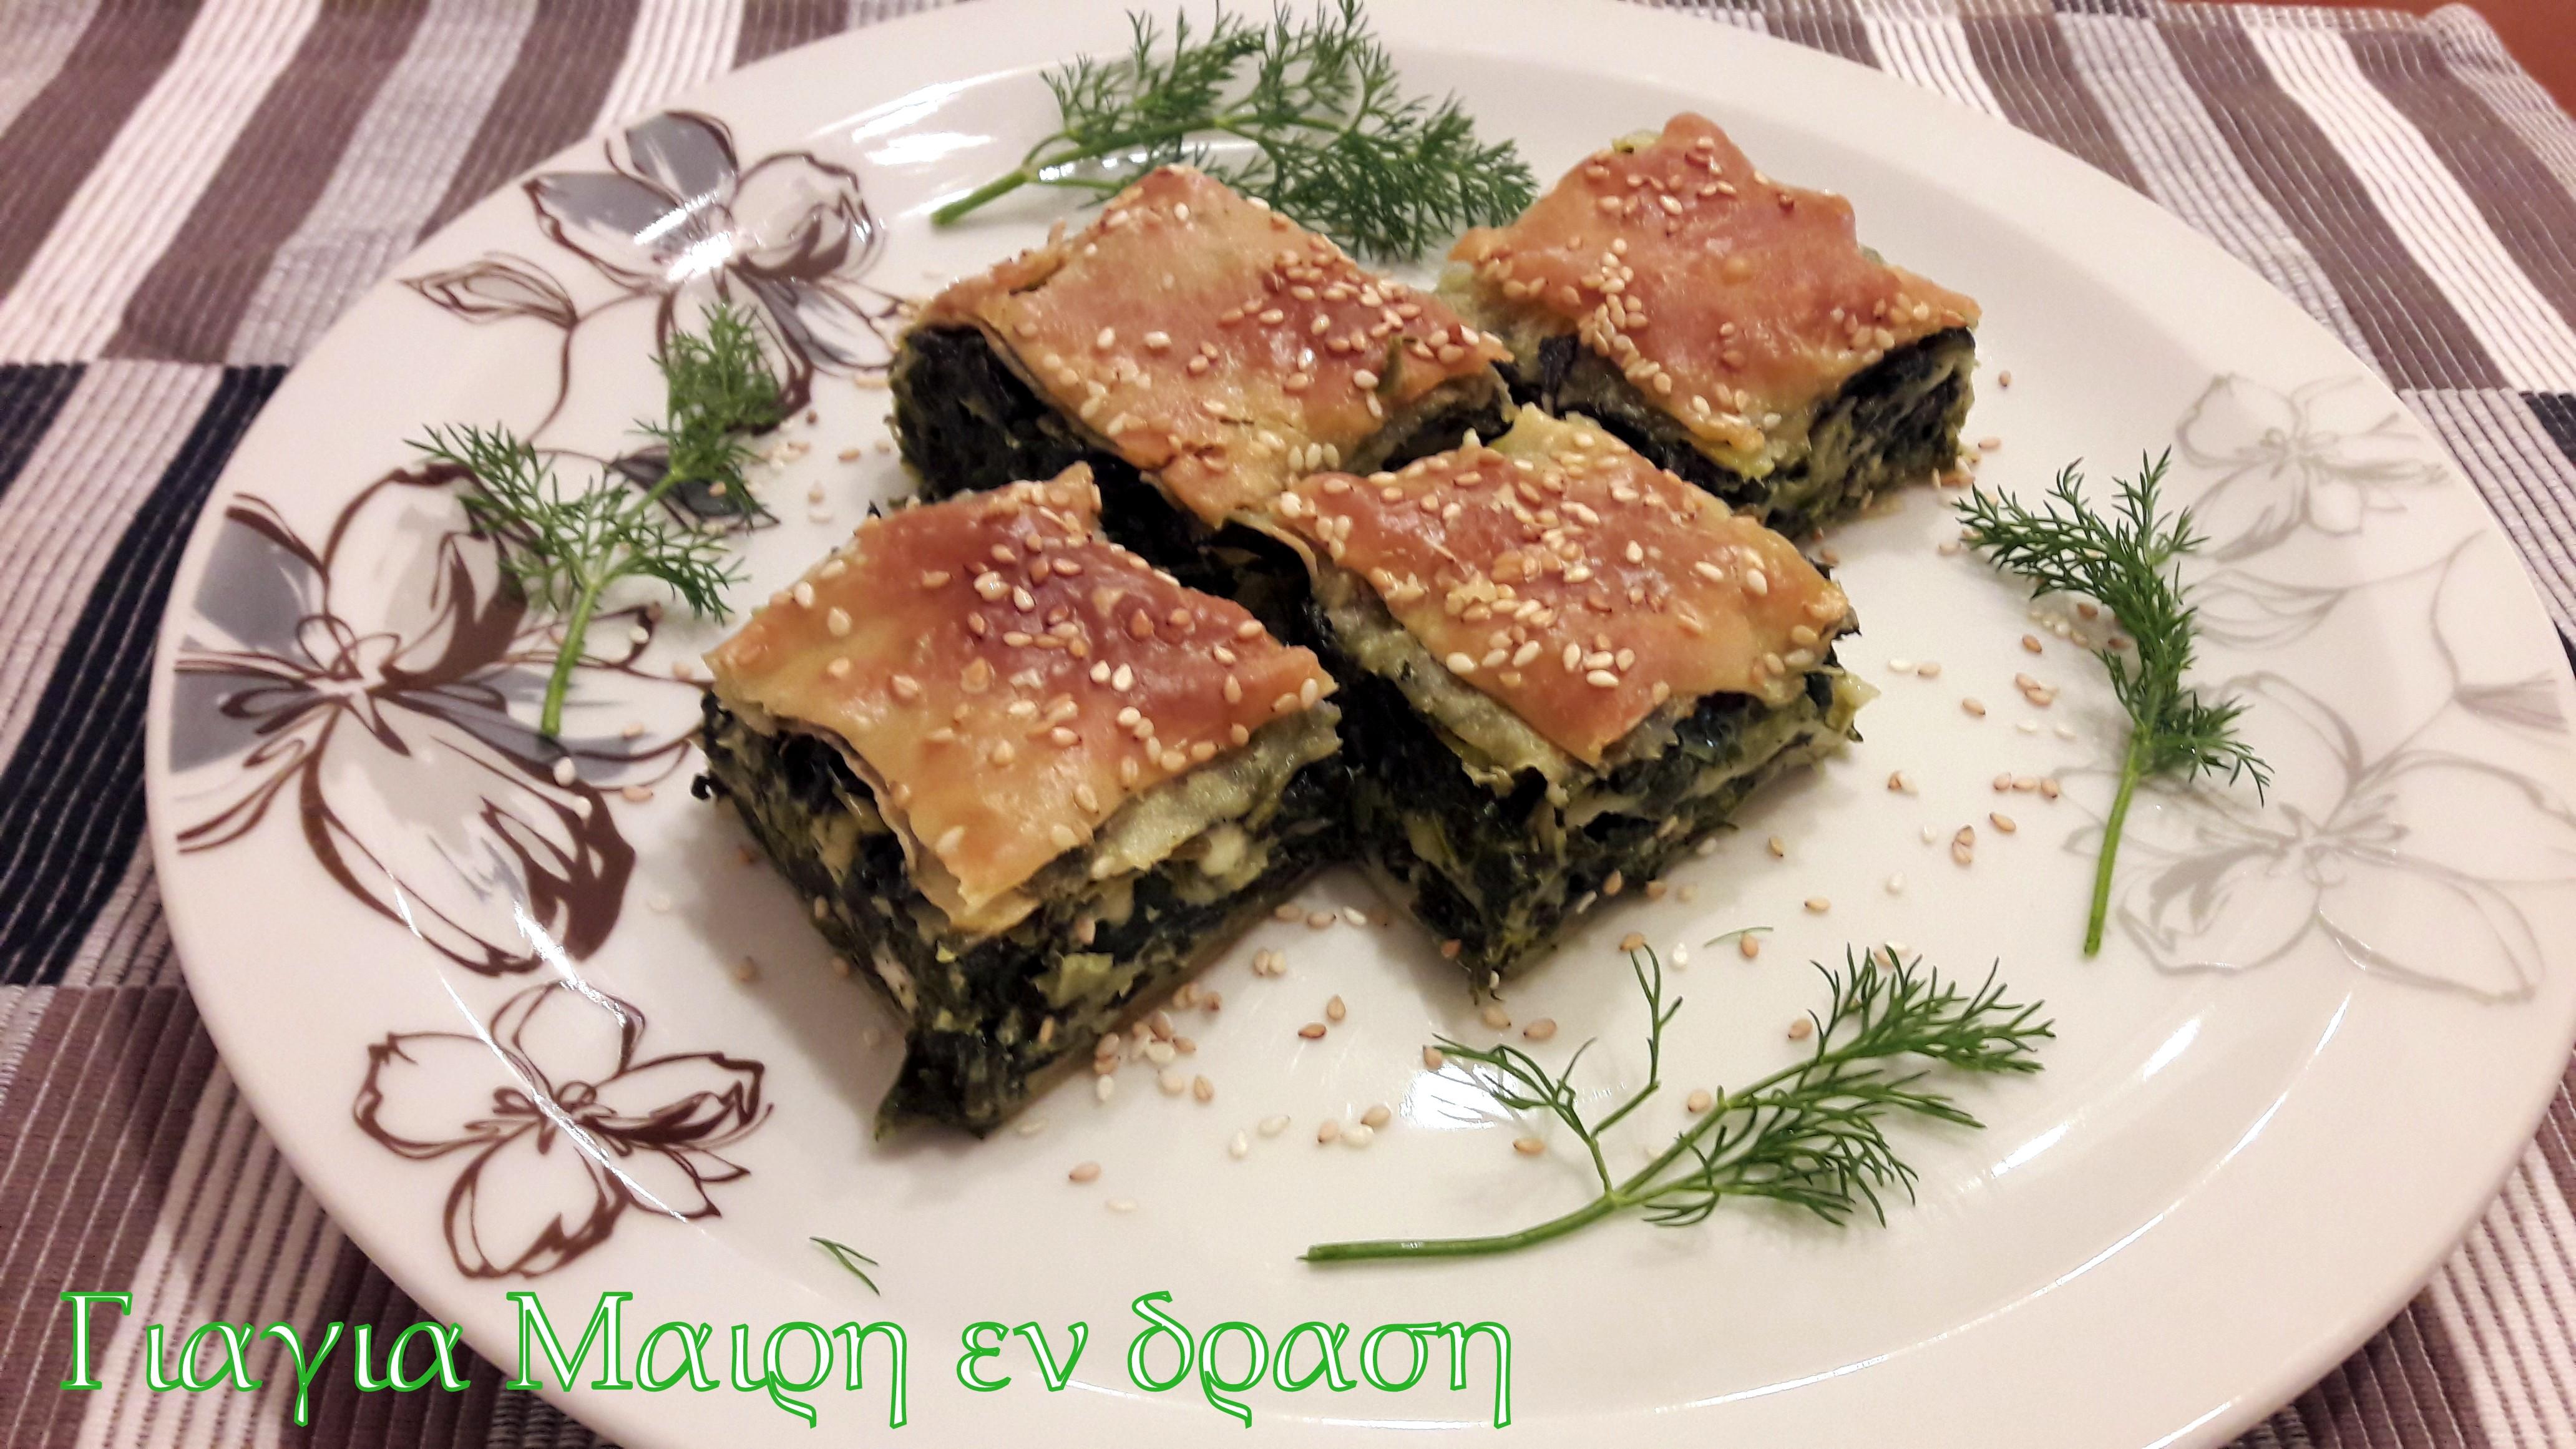 Λαχανόπιτα by Mairh